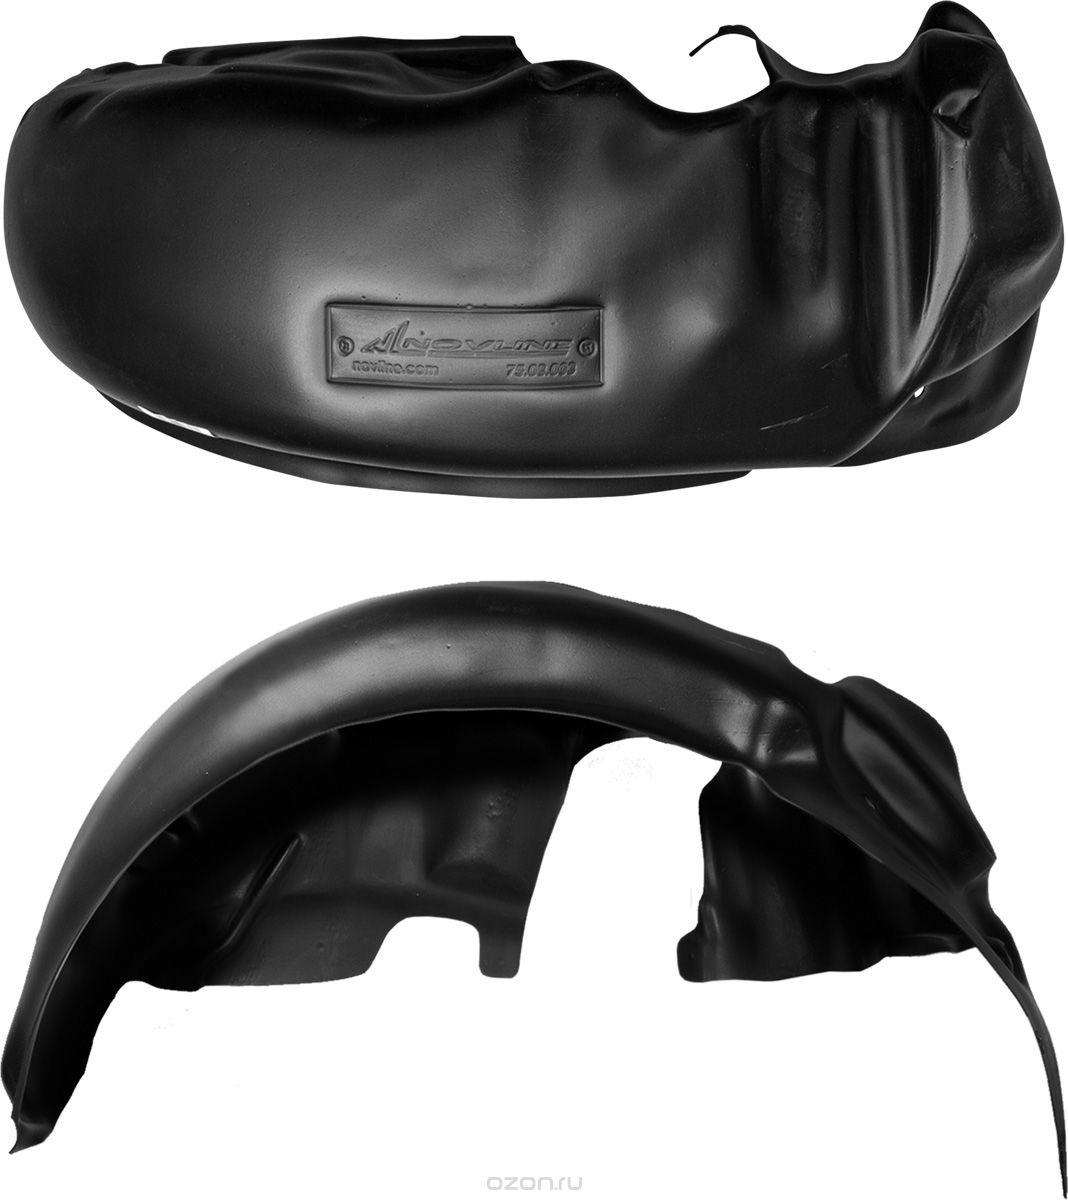 Подкрылок Novline-Autofamily, для PEUGEOT Boxer 2006-> с расширителями арок, задний правыйNLL.38.13.004Идеальная защита колесной ниши. Локеры разработаны с применением цифровых технологий, гарантируют максимальную повторяемость поверхности арки. Изделия устанавливаются без нарушения лакокрасочного покрытия автомобиля, каждый подкрылок комплектуется крепежом. Уважаемые клиенты, обращаем ваше внимание, что фотографии на подкрылки универсальные и не отражают реальную форму изделия. При этом само изделие идет точно под размер указанного автомобиля.